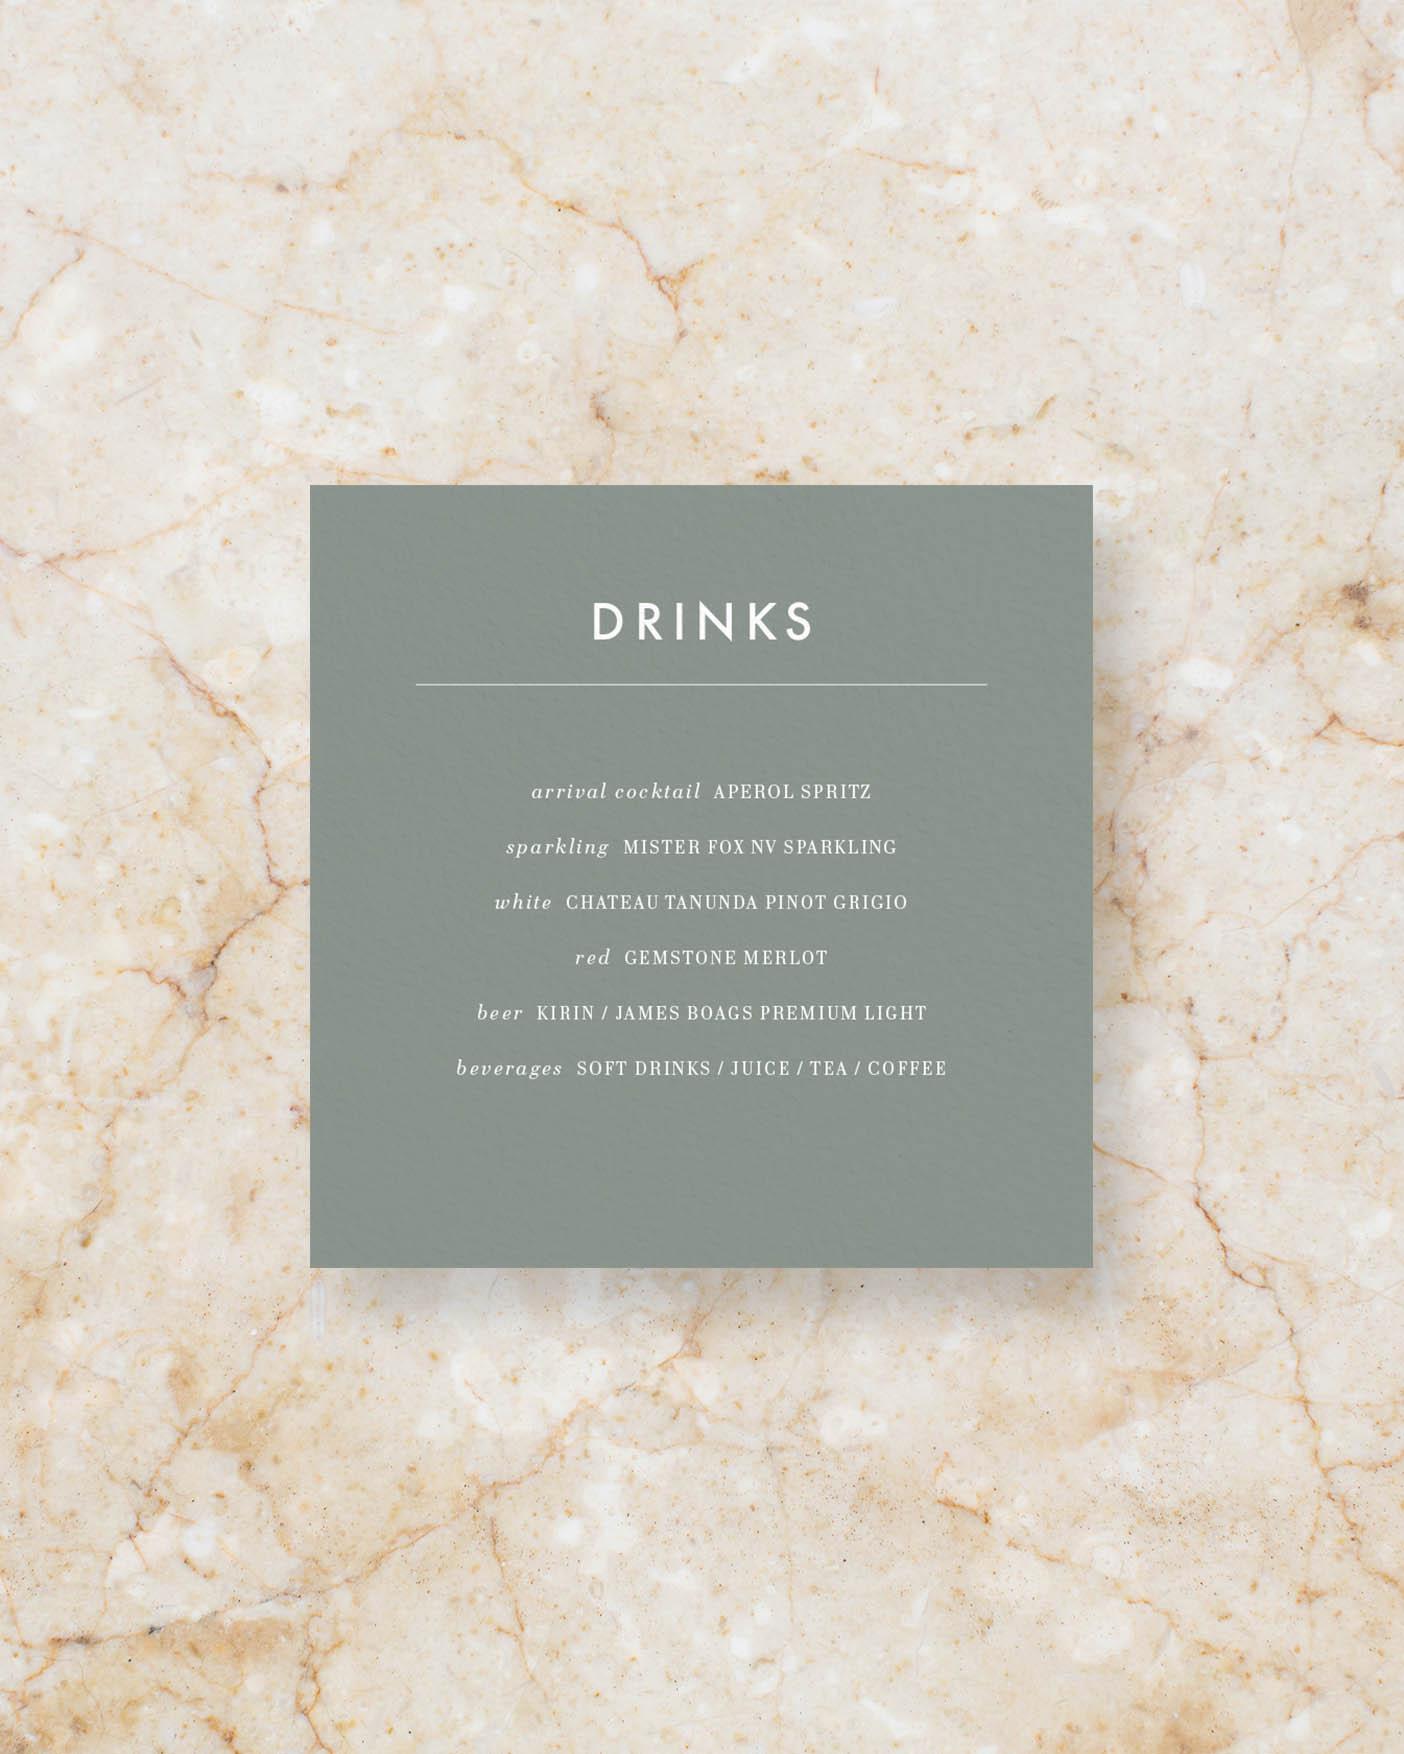 Drinks menu square - Sage